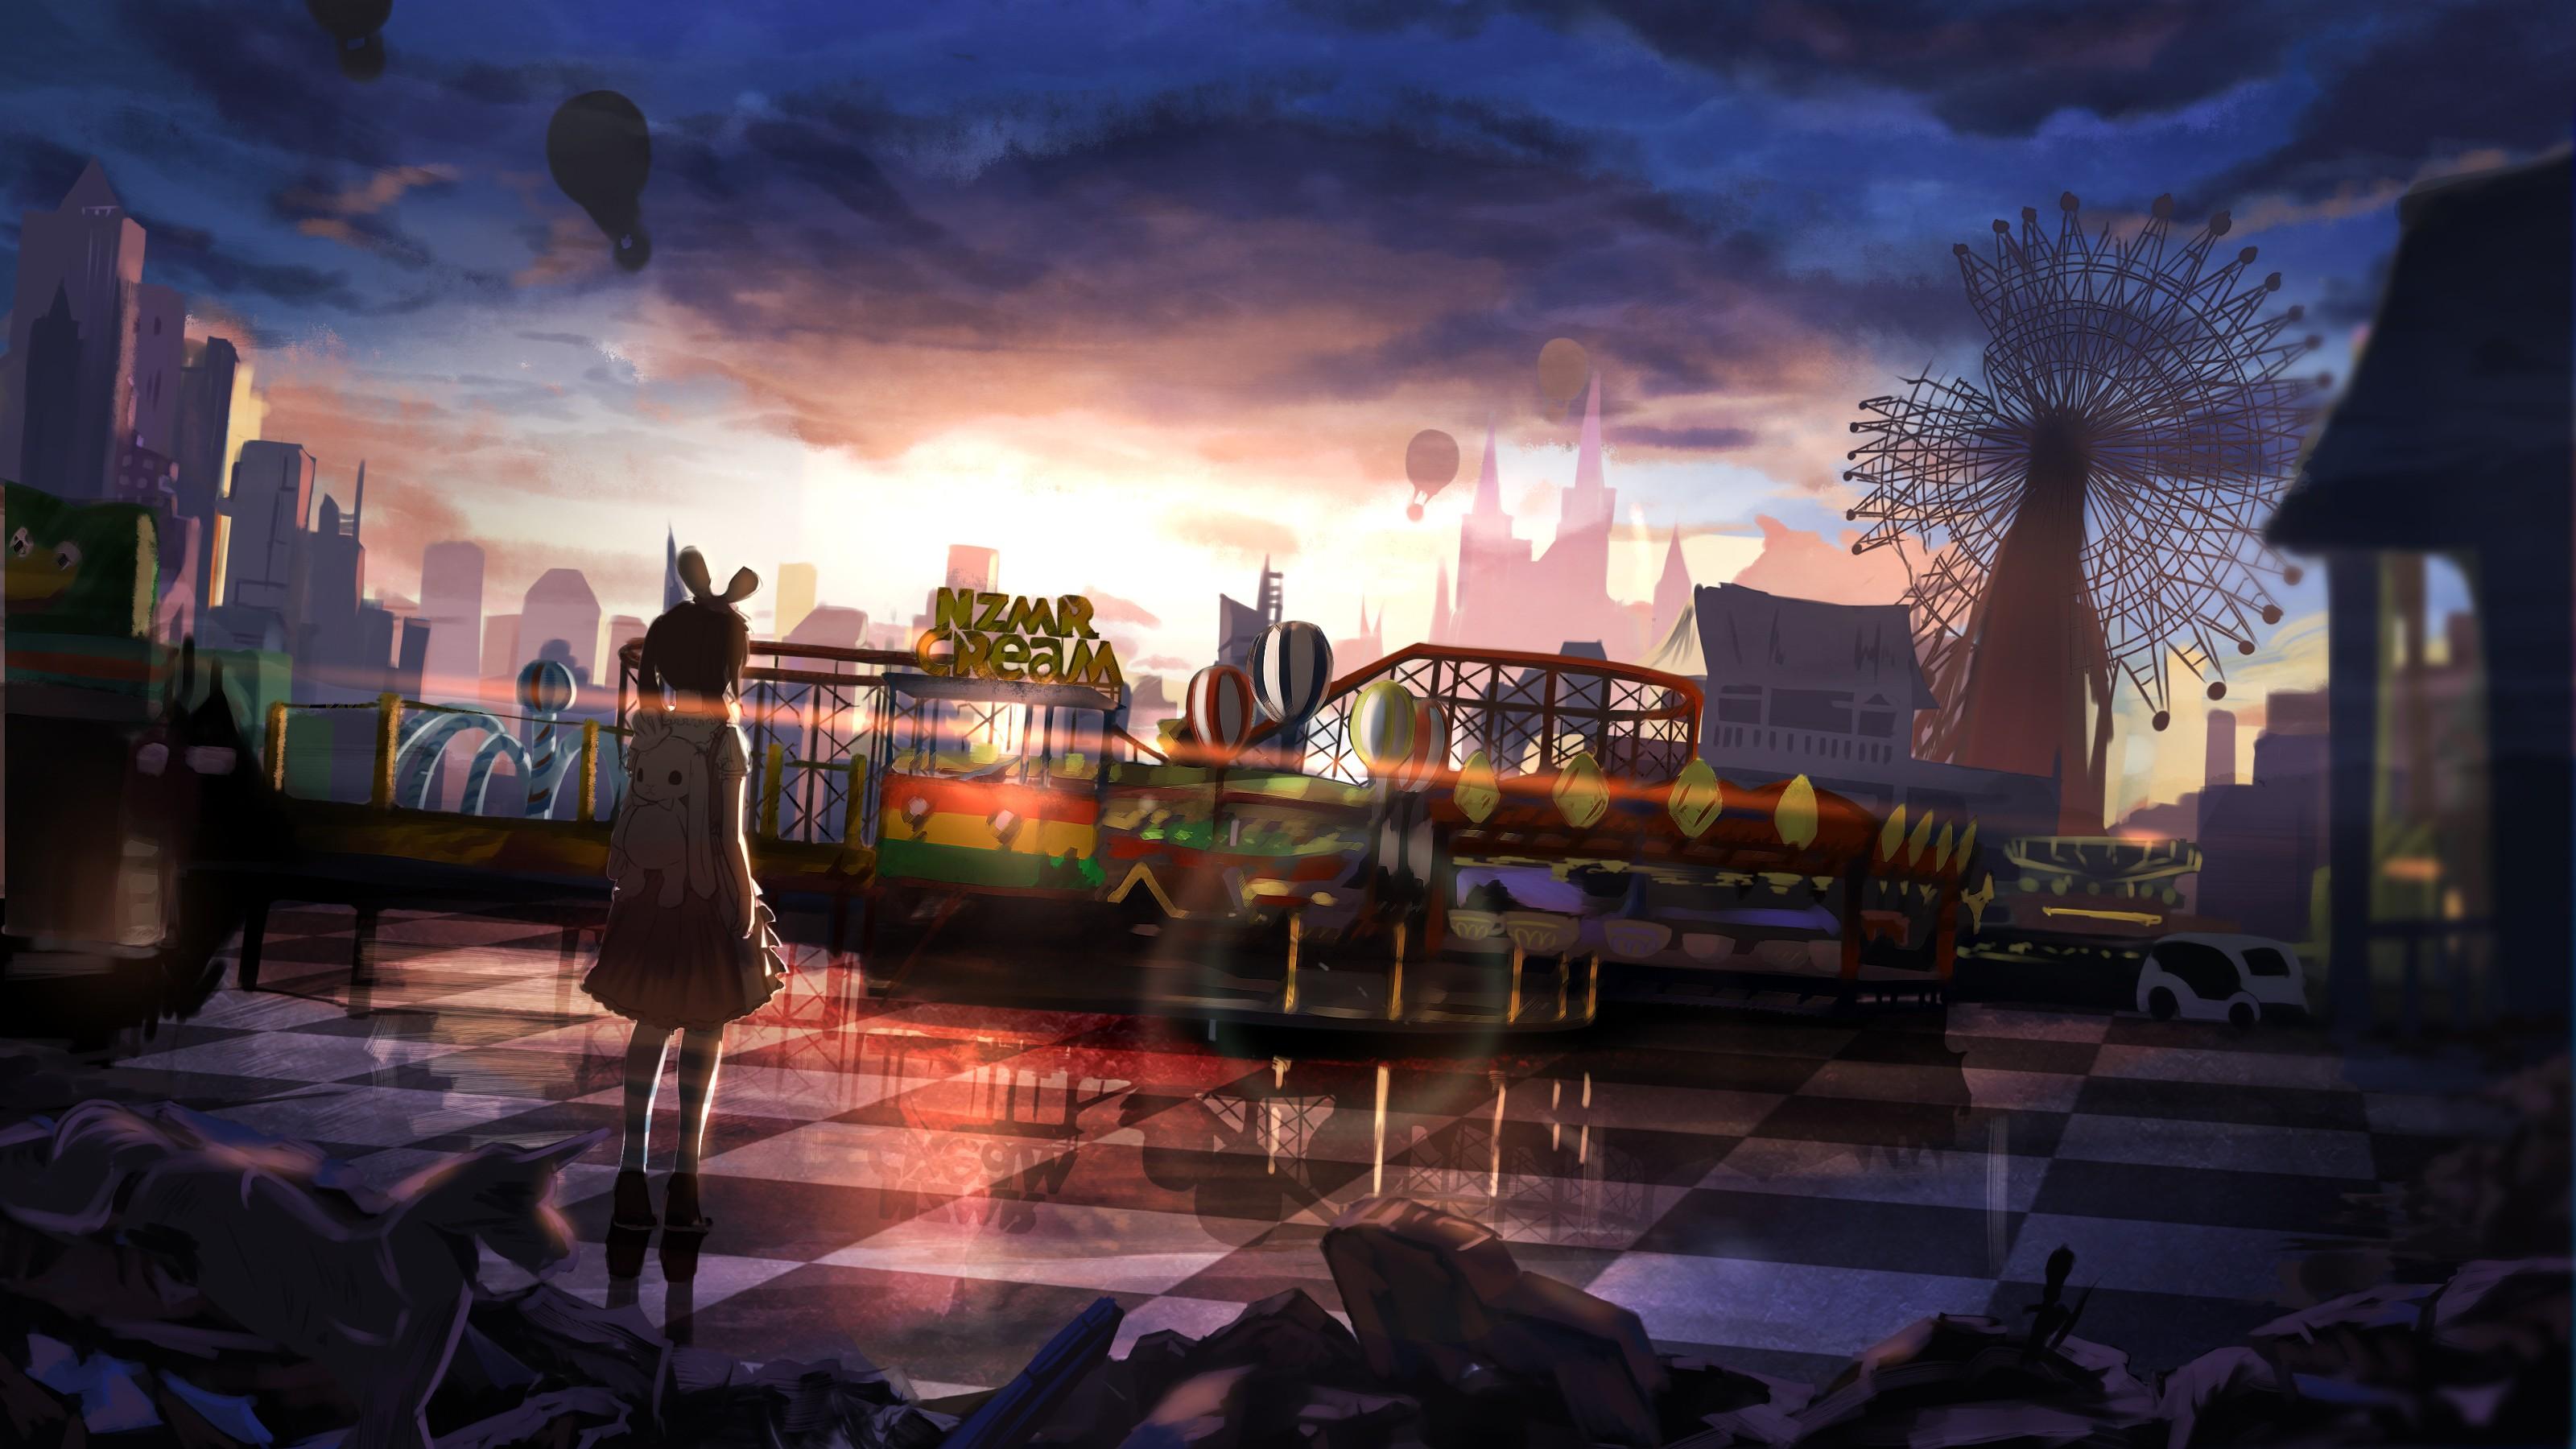 Steampunk Girl Desktop Wallpaper Fondos De Pantalla Puesta De Sol Ciudad Paisaje Urbano